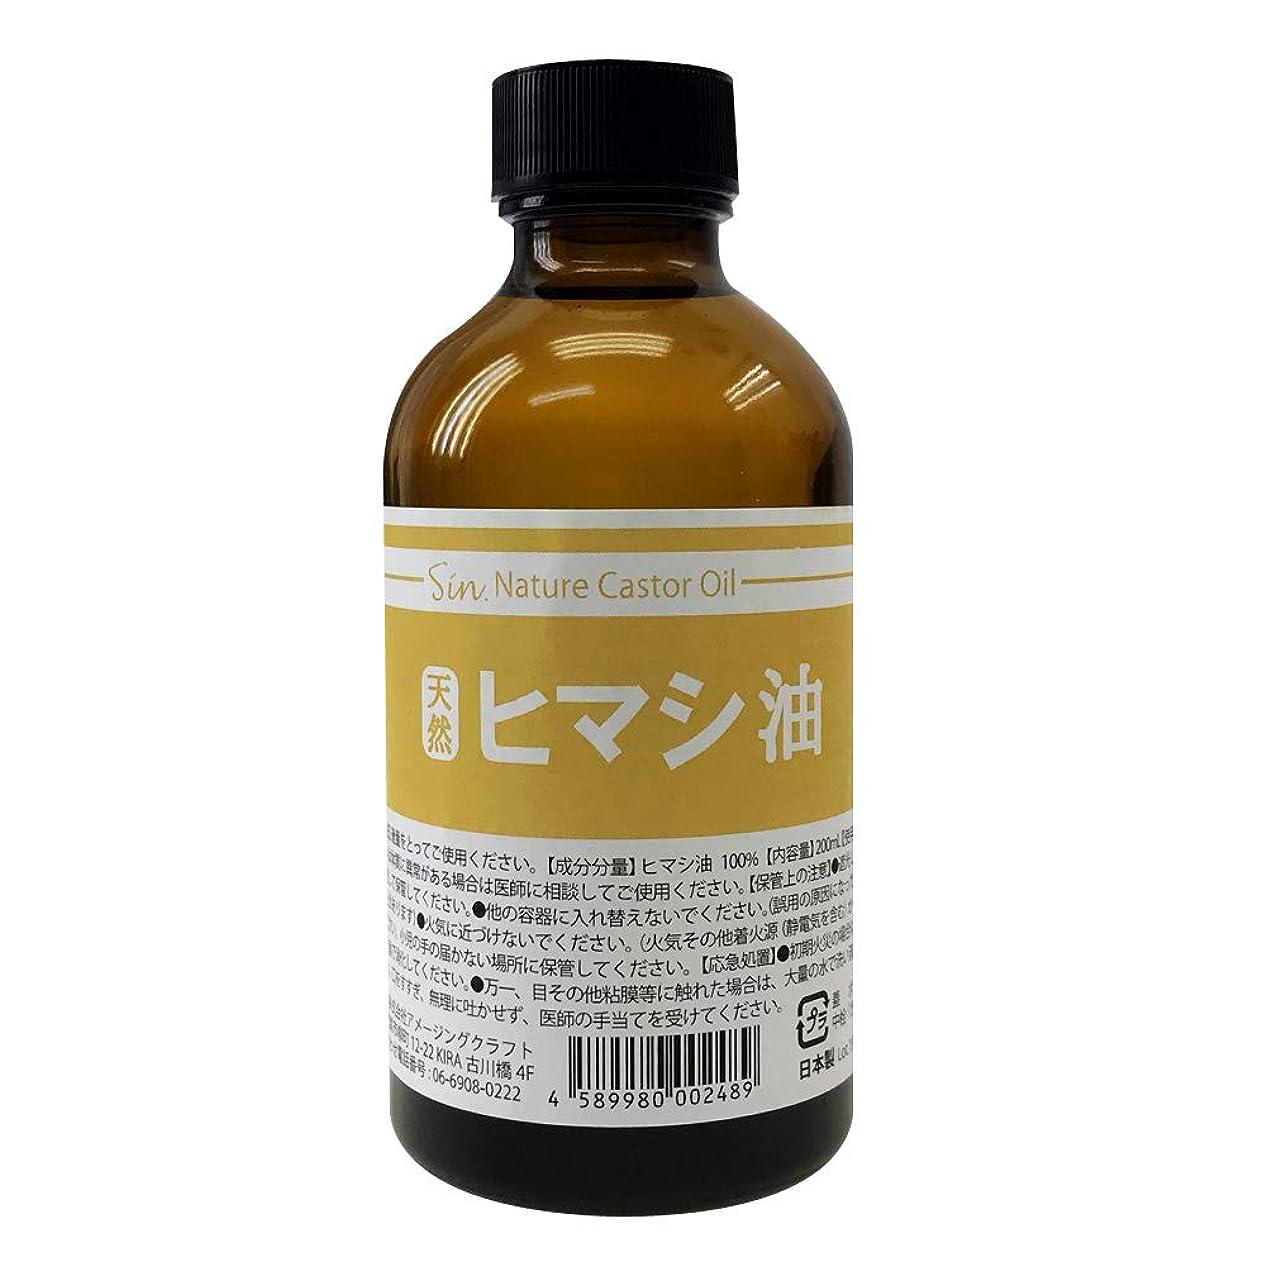 受付脚本家ブリリアント天然無添加 国内精製ひまし油 (キャスターオイル) 200ml